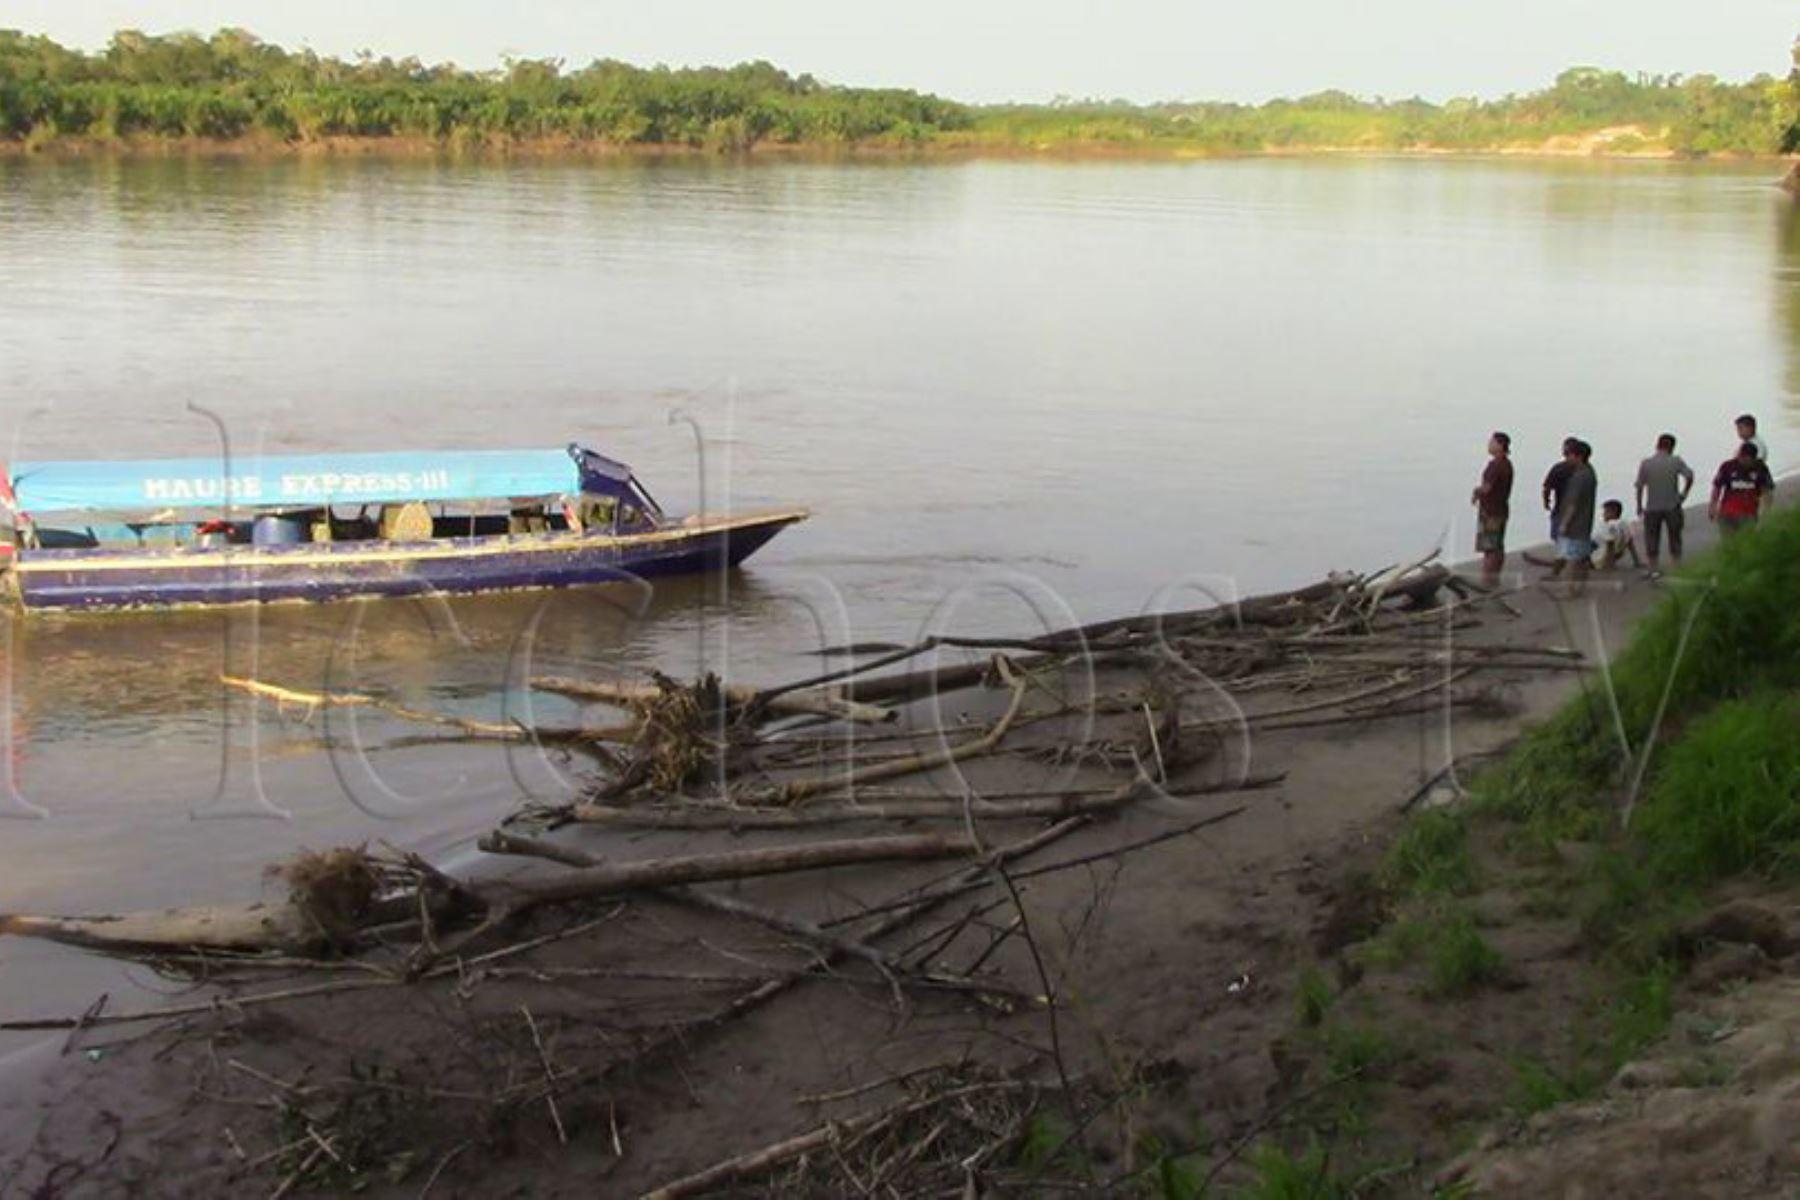 El nivel de agua del río Huallaga descendió en las últimas horas y pasó del estado de alerta roja a naranja en la estación hidrológica Yurimaguas, en la región Loreto, informó el Servicio Nacional de Meteorología e Hidrología (Senamhi) al Centro de Operaciones de Emergencia Nacional (COEN) del Ministerio de Defensa. ANDINA